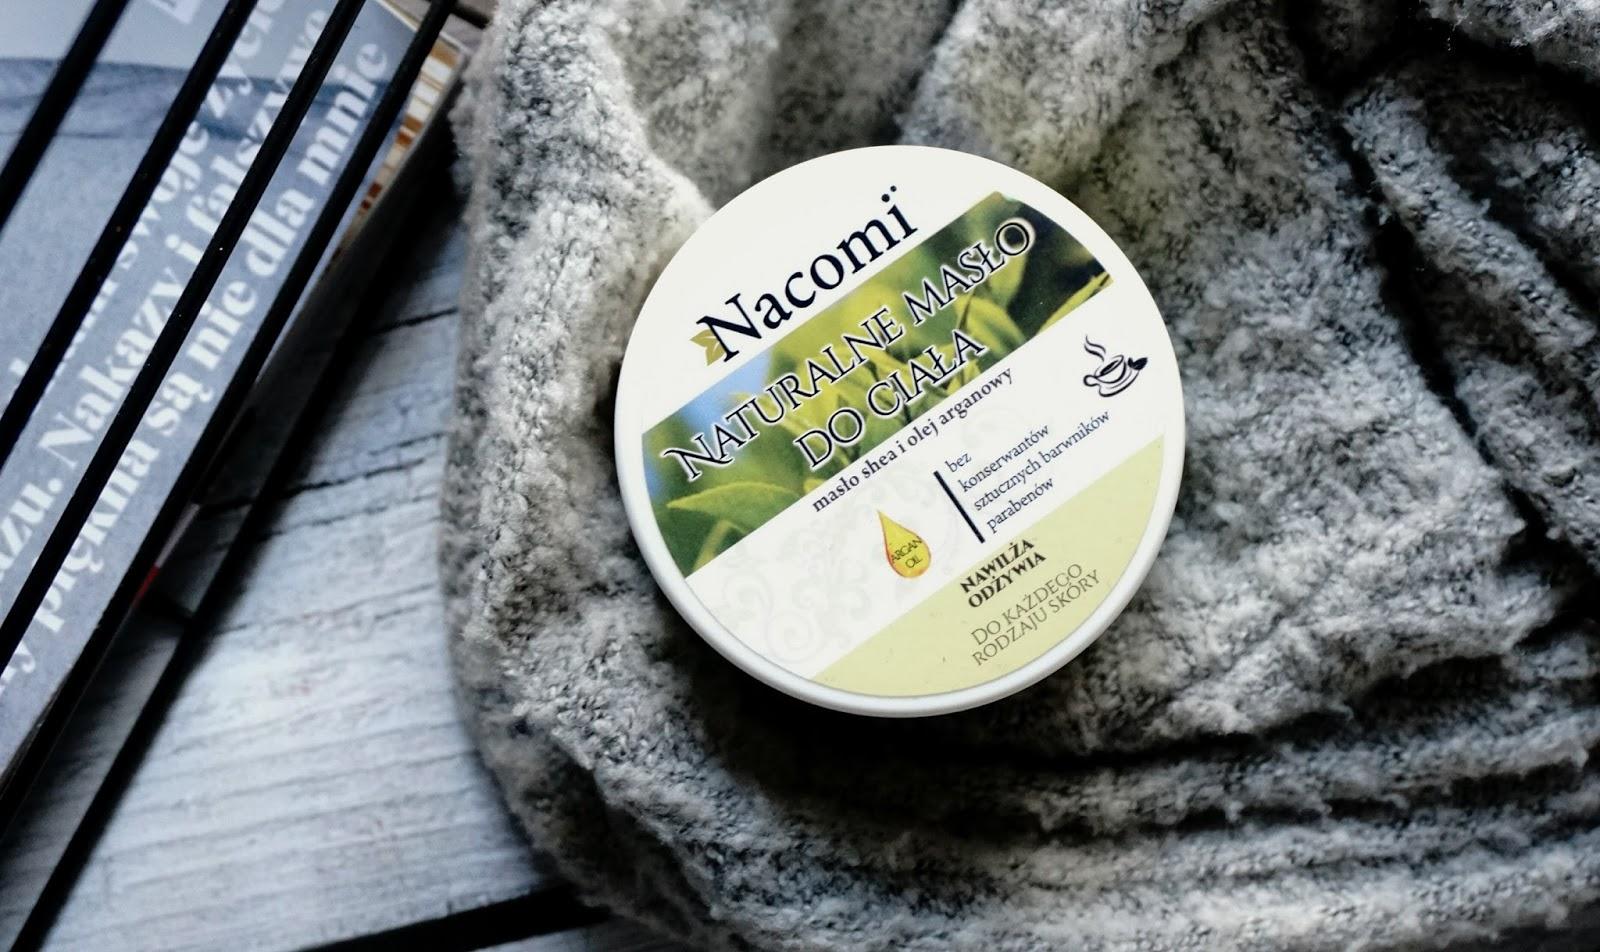 NATURALNE MASŁO DO CIAŁA - ZIELONA HERBATA / NACOMI wege kosmetyki, najlpesze masło do ciała